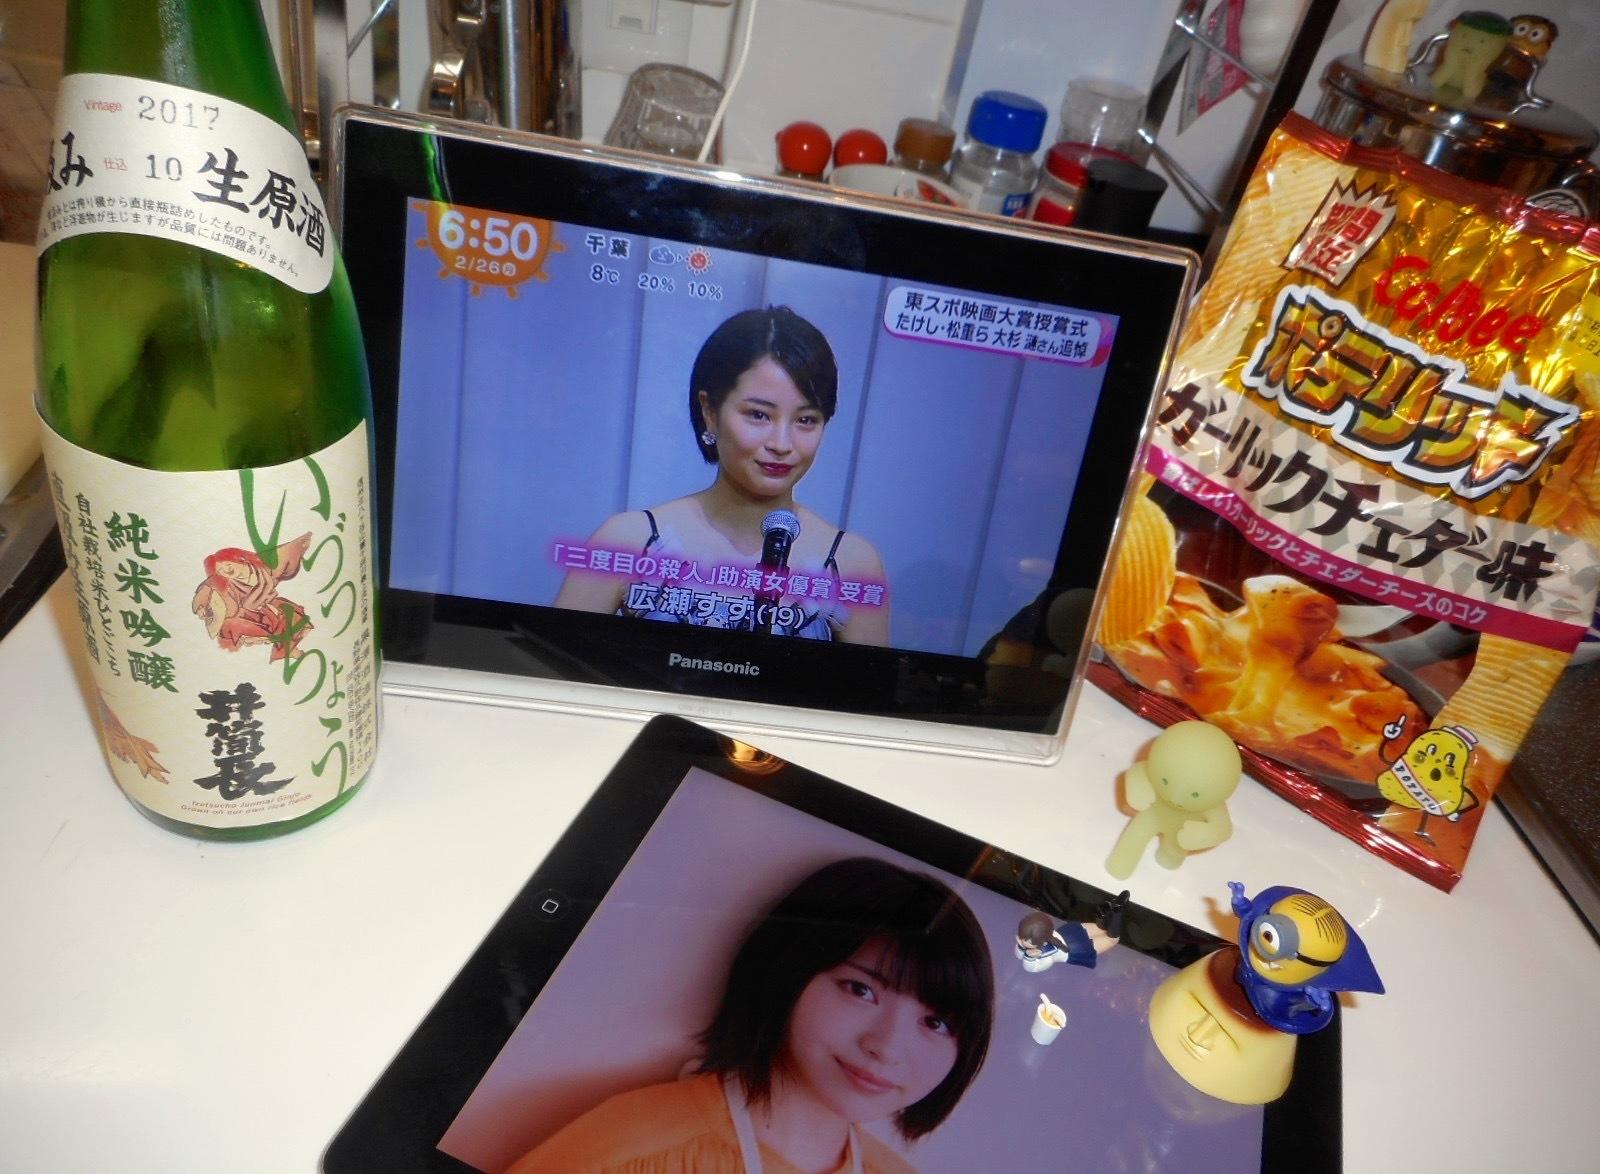 浜辺美波最強論vs広瀬すず1